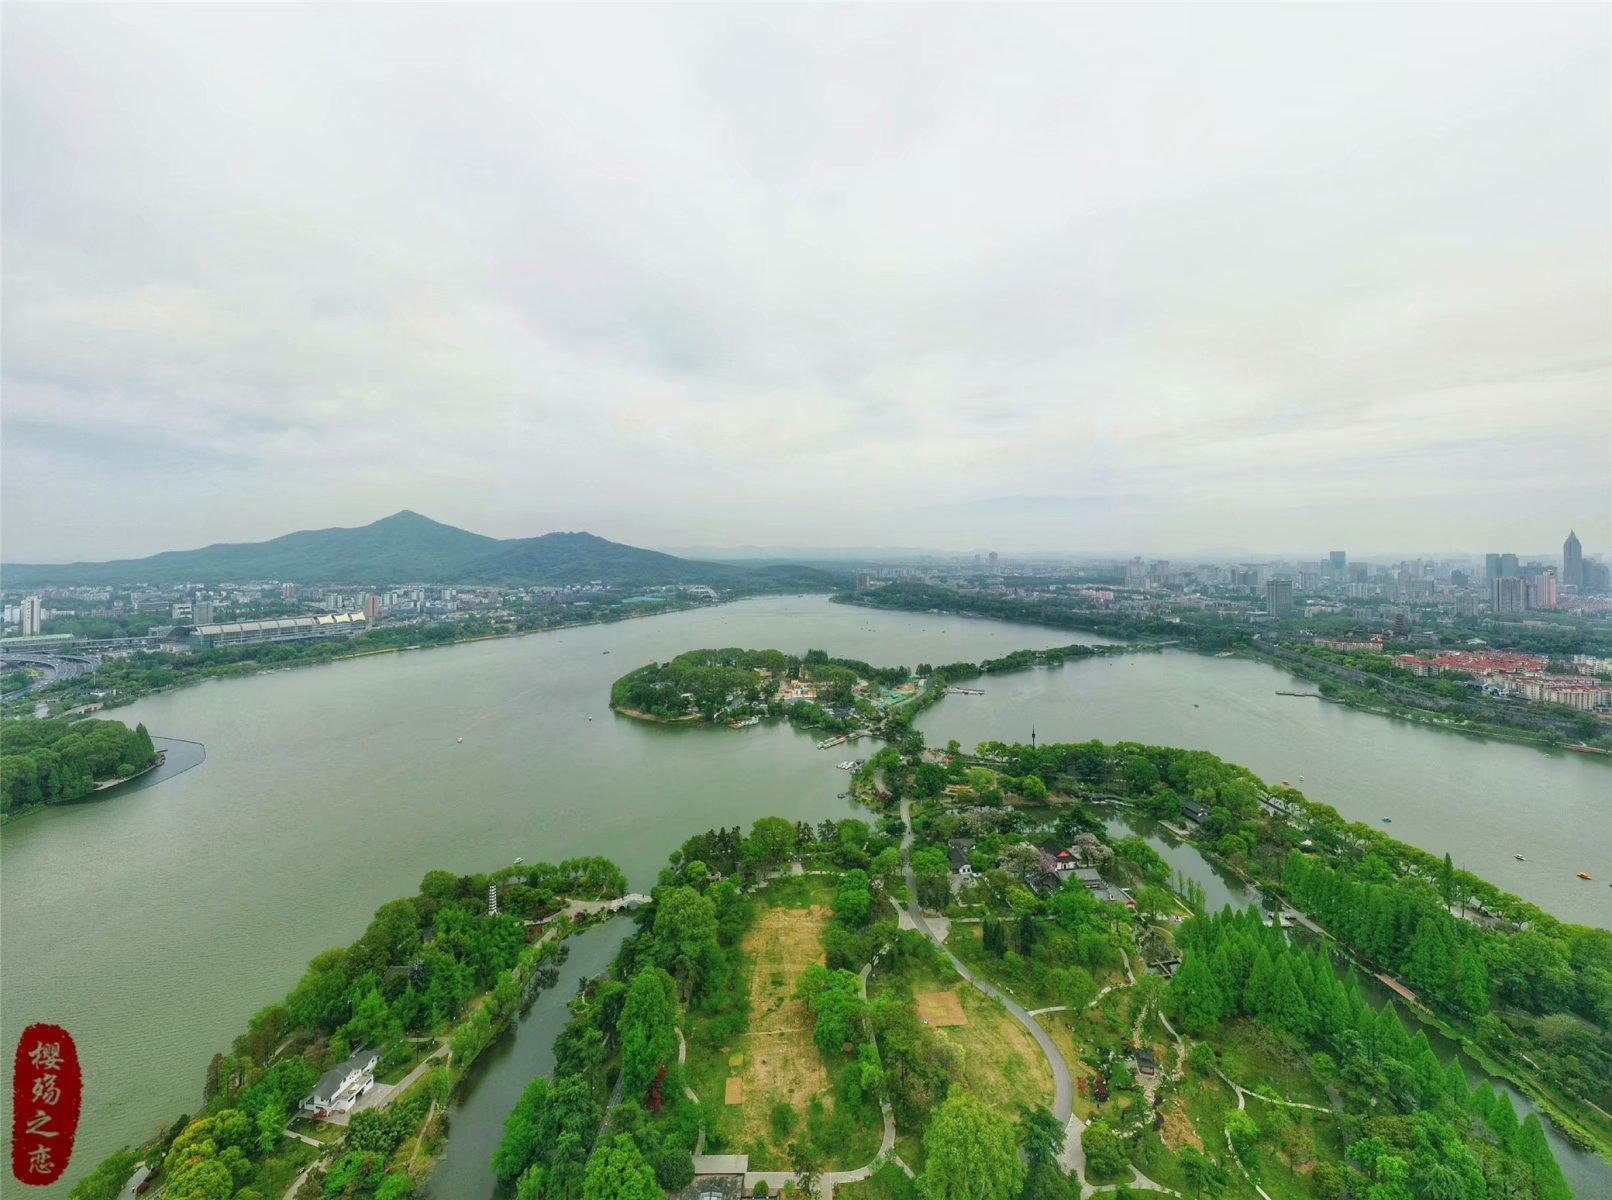 天津市gdp_一季度GDP十强城市出炉:武汉冲回前十天津未能回榜